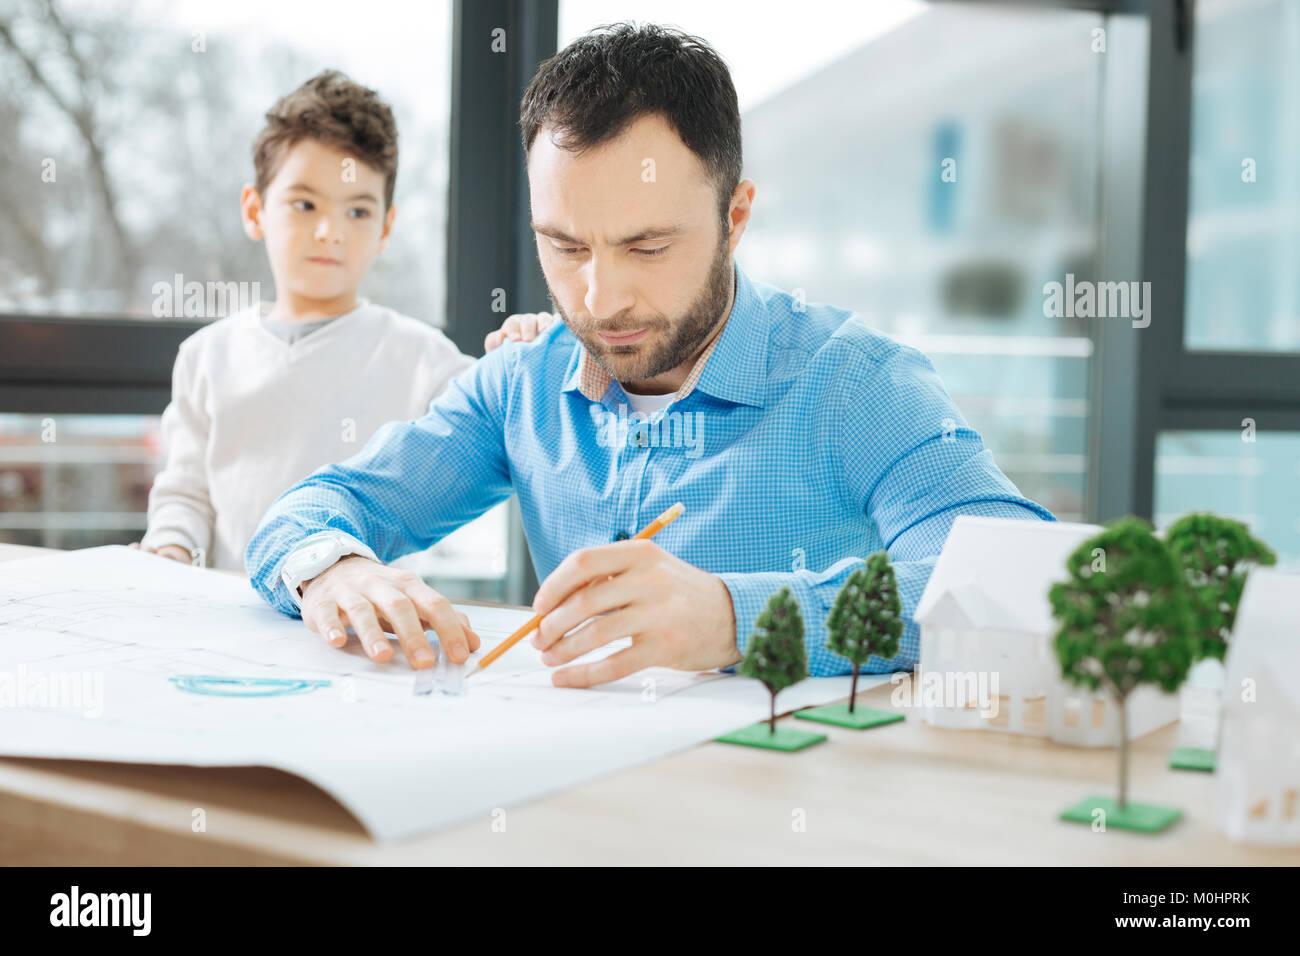 Occupato architetto prestando alcuna attenzione al suo piccolo figlio Immagini Stock